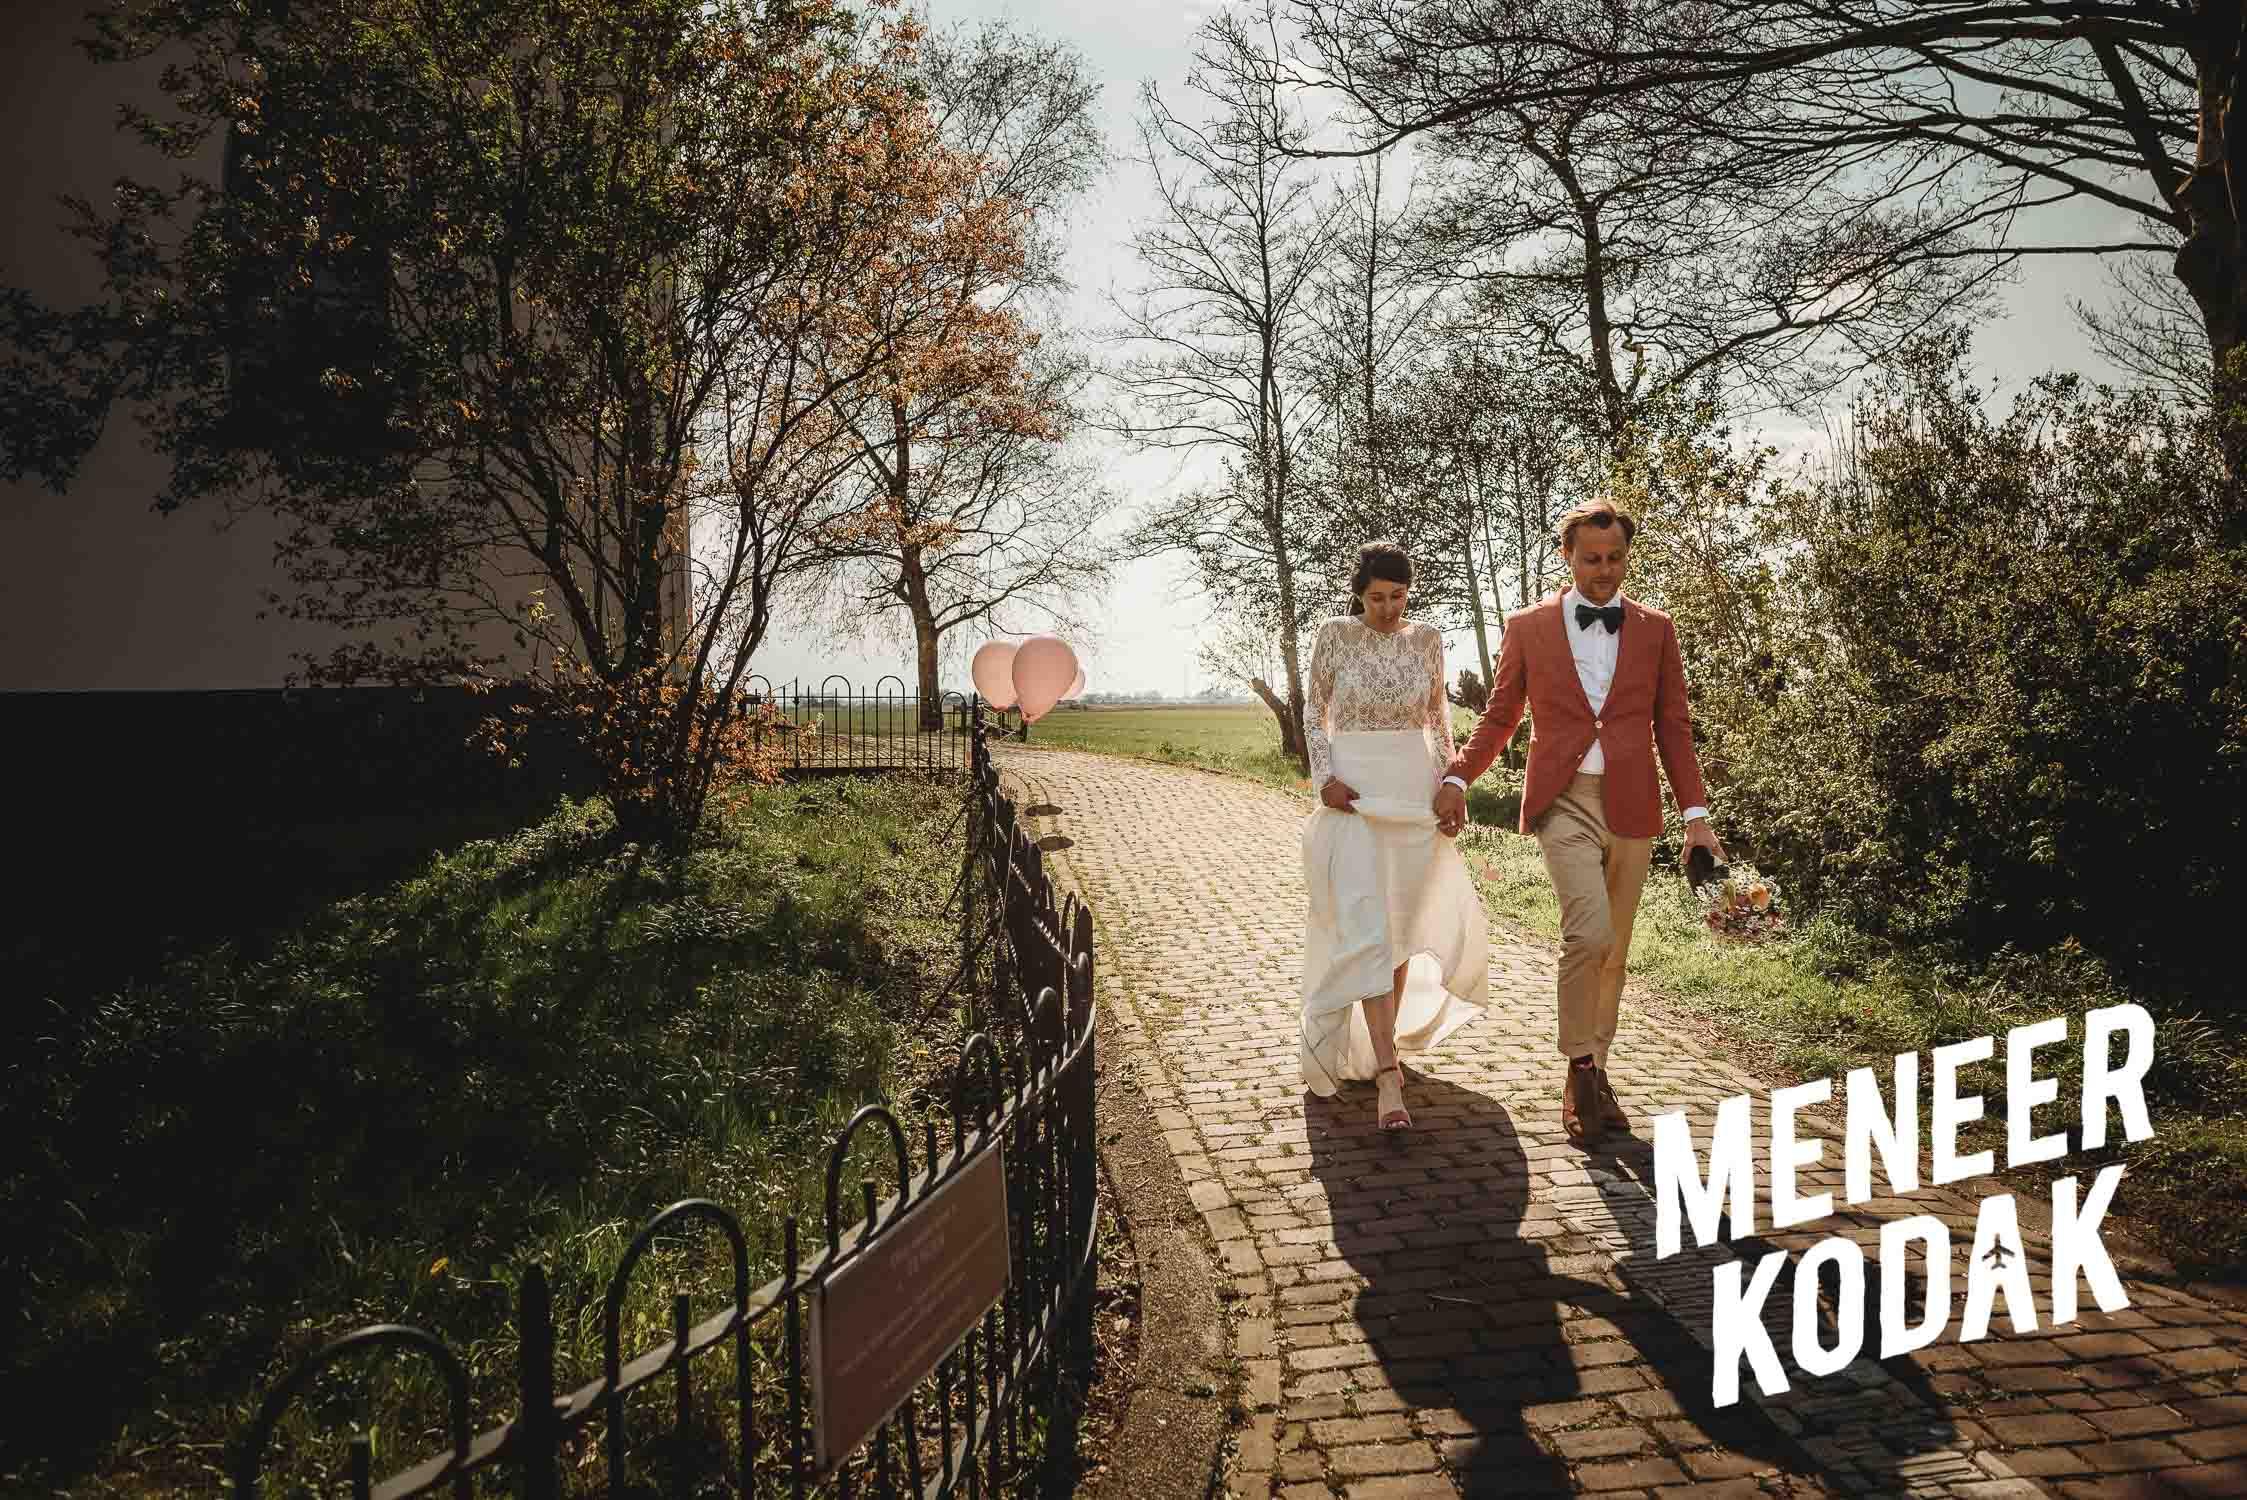 Meneer Kodak - Bruidsfotograaf - Amsterdam - M&J-056.jpg